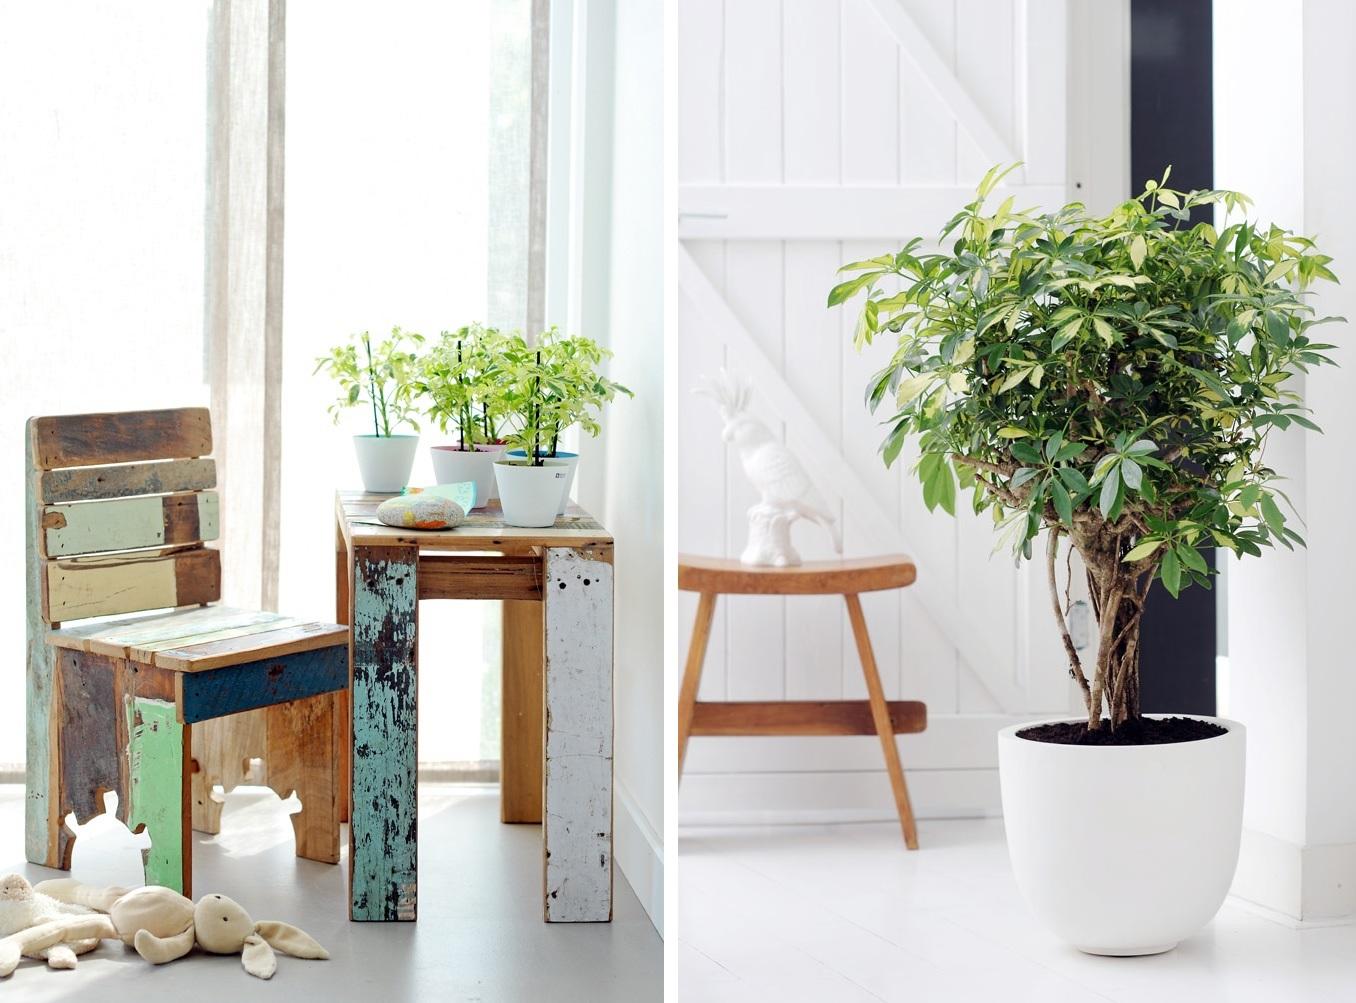 Woonkamer decor planten - Kleine woonkamer decoratie ...